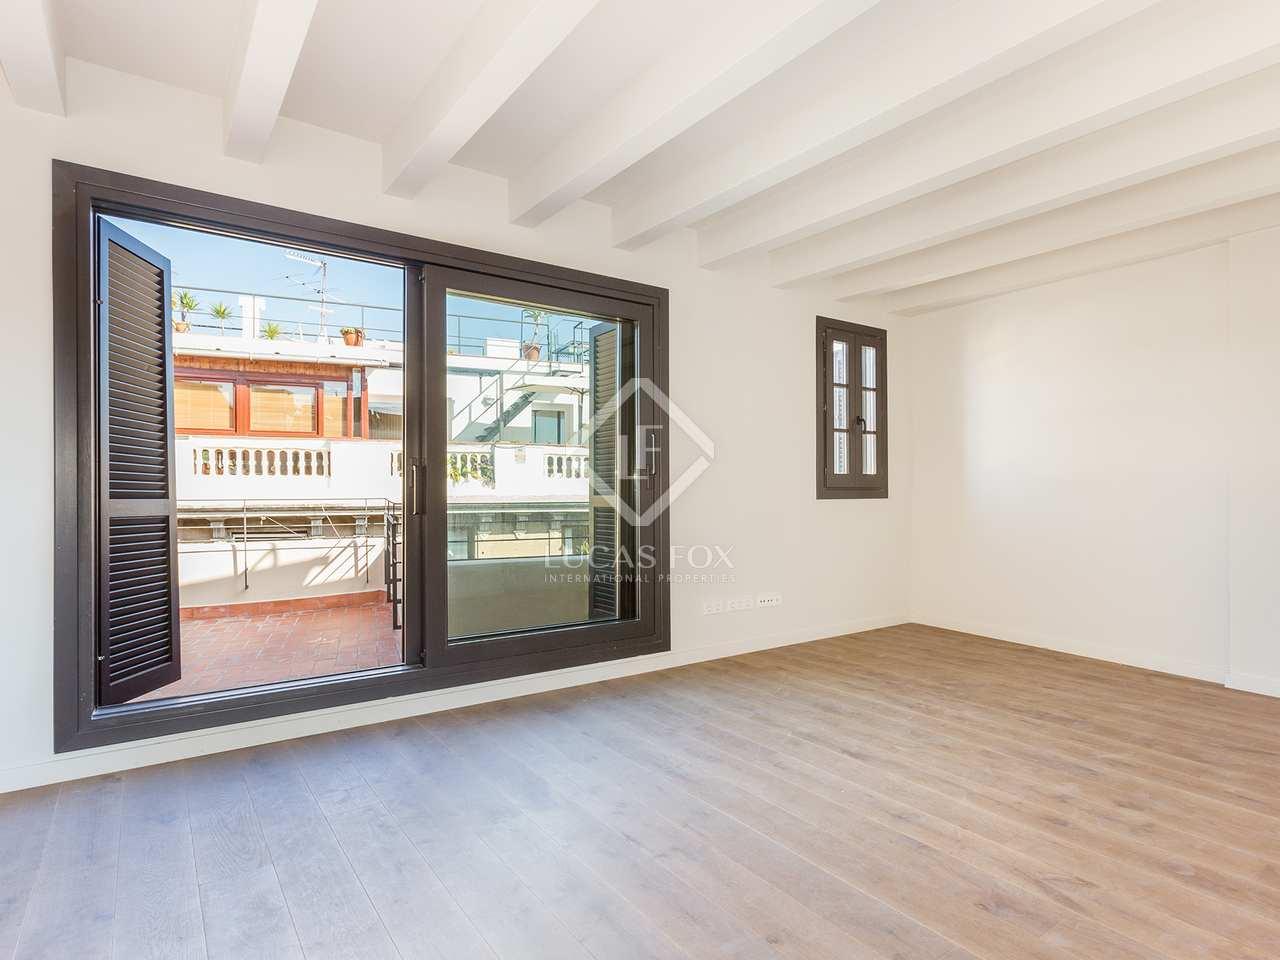 Elegante tico d plex en venta en el born barcelona - Atico duplex barcelona ...